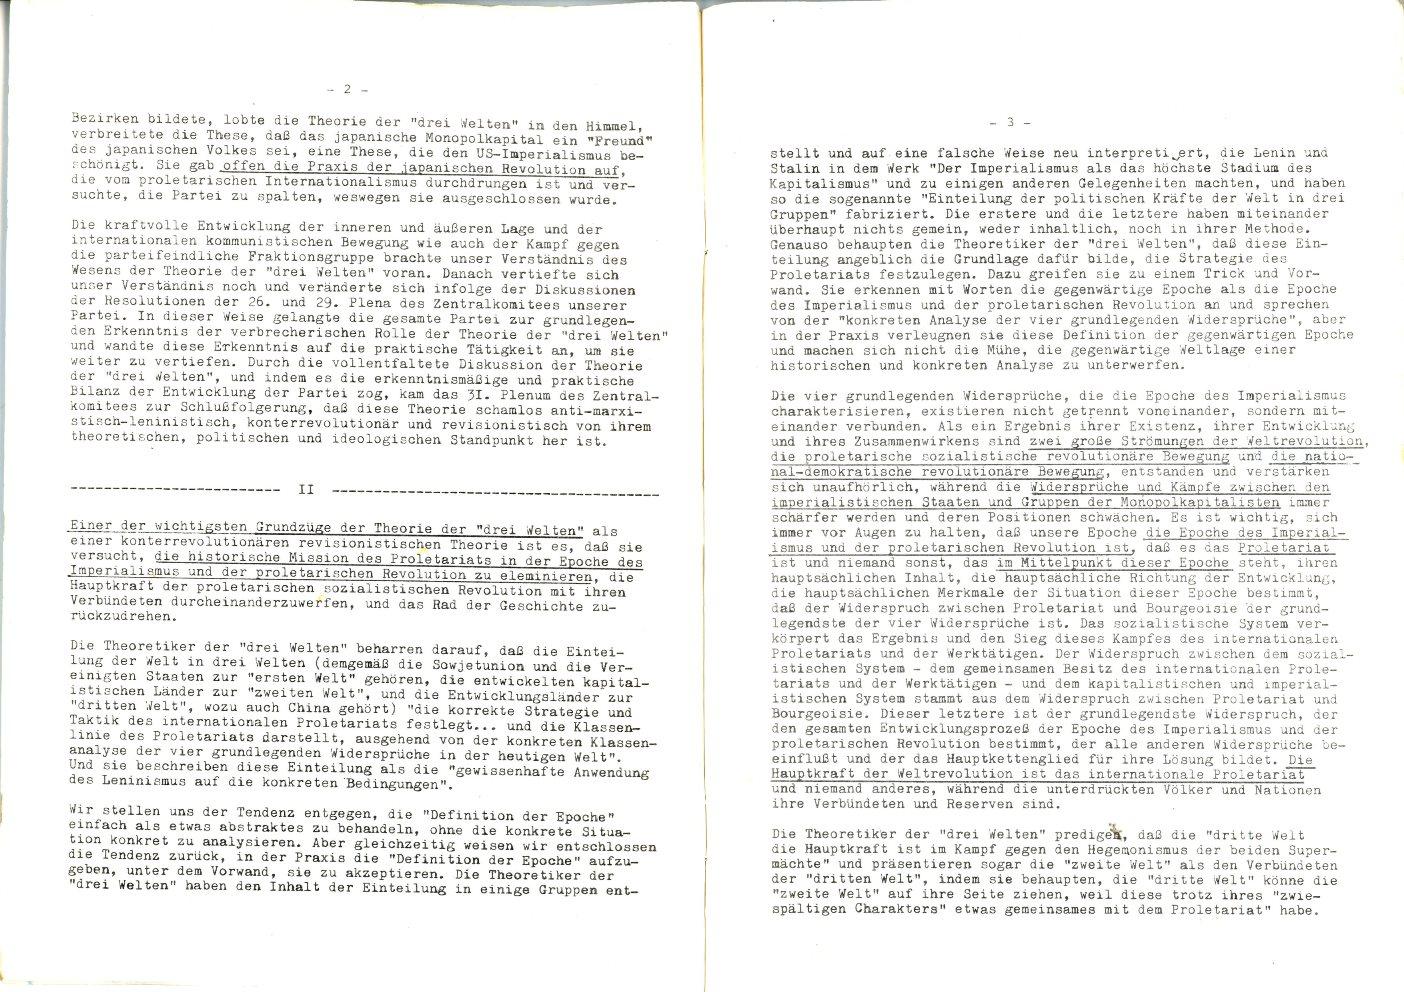 MLSK_Theorie_und_Praxis_des_ML_1978_22_04